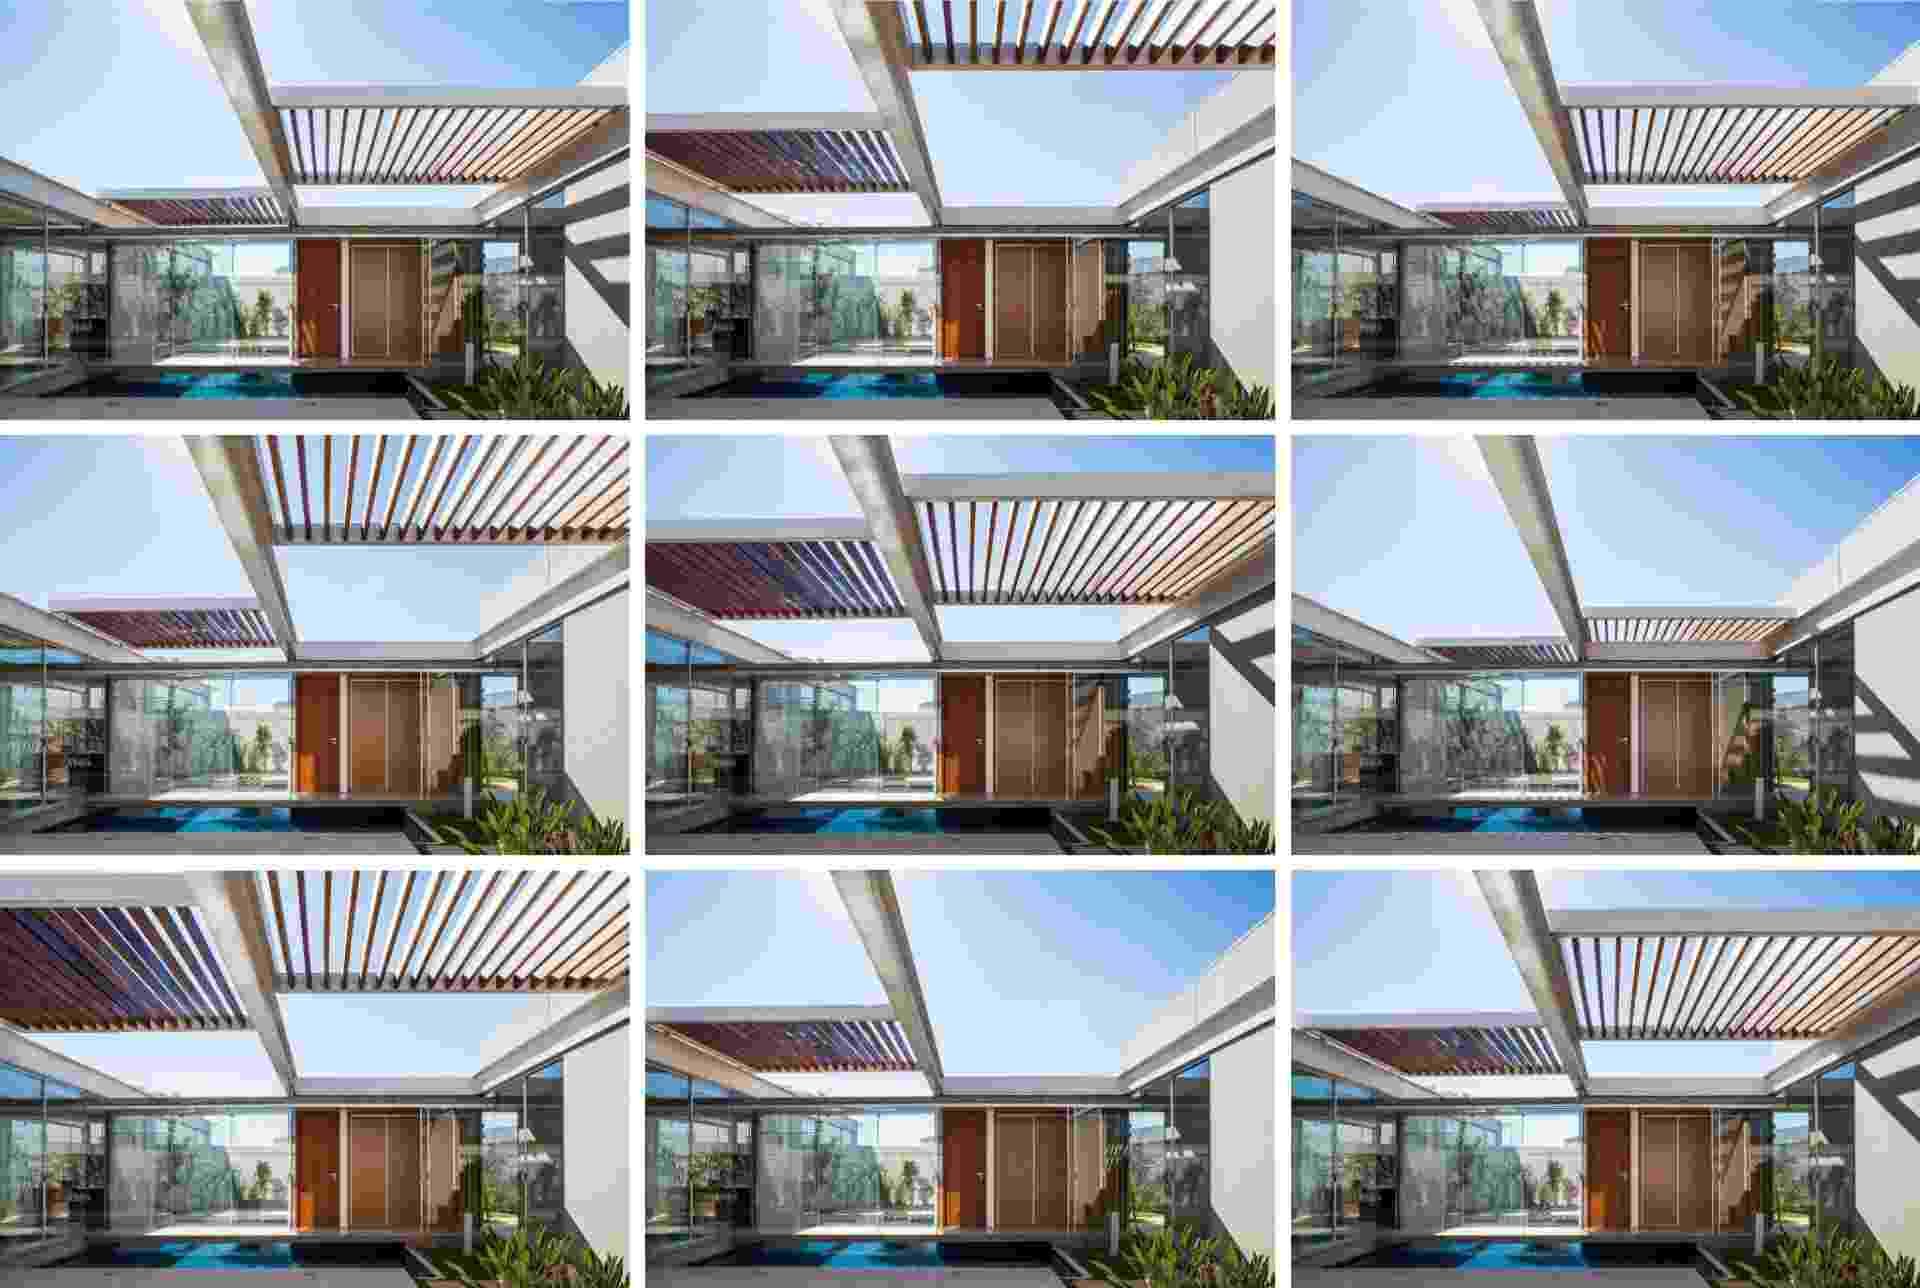 Na sequência de imagens é possível visualizar a modificação no posicionamento das pérgolas que permitem diferentes coberturas das áreas externas da residência projetada pelo escritório FGMF Arquitetos - Divulgação FGMF